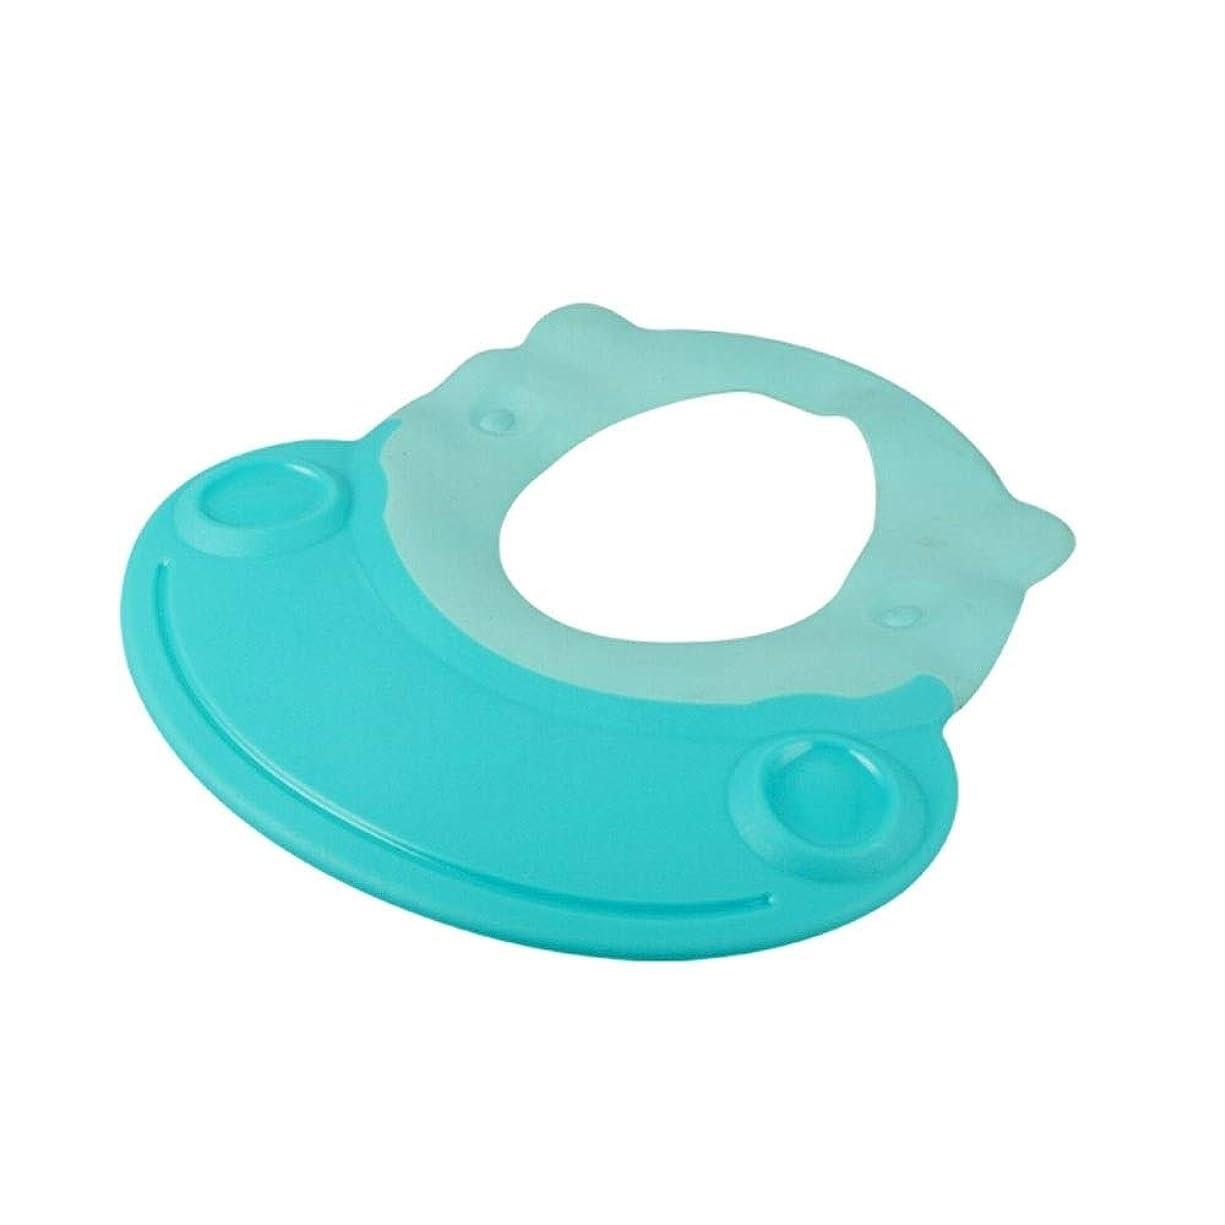 重要なセンター果てしないJJESC シャワーキャップ、天然ゴムシャンプーキャップ、ソフトで柔軟な、から選択するさまざまな色 (Color : Green, Size : 26.6*26.3cm)